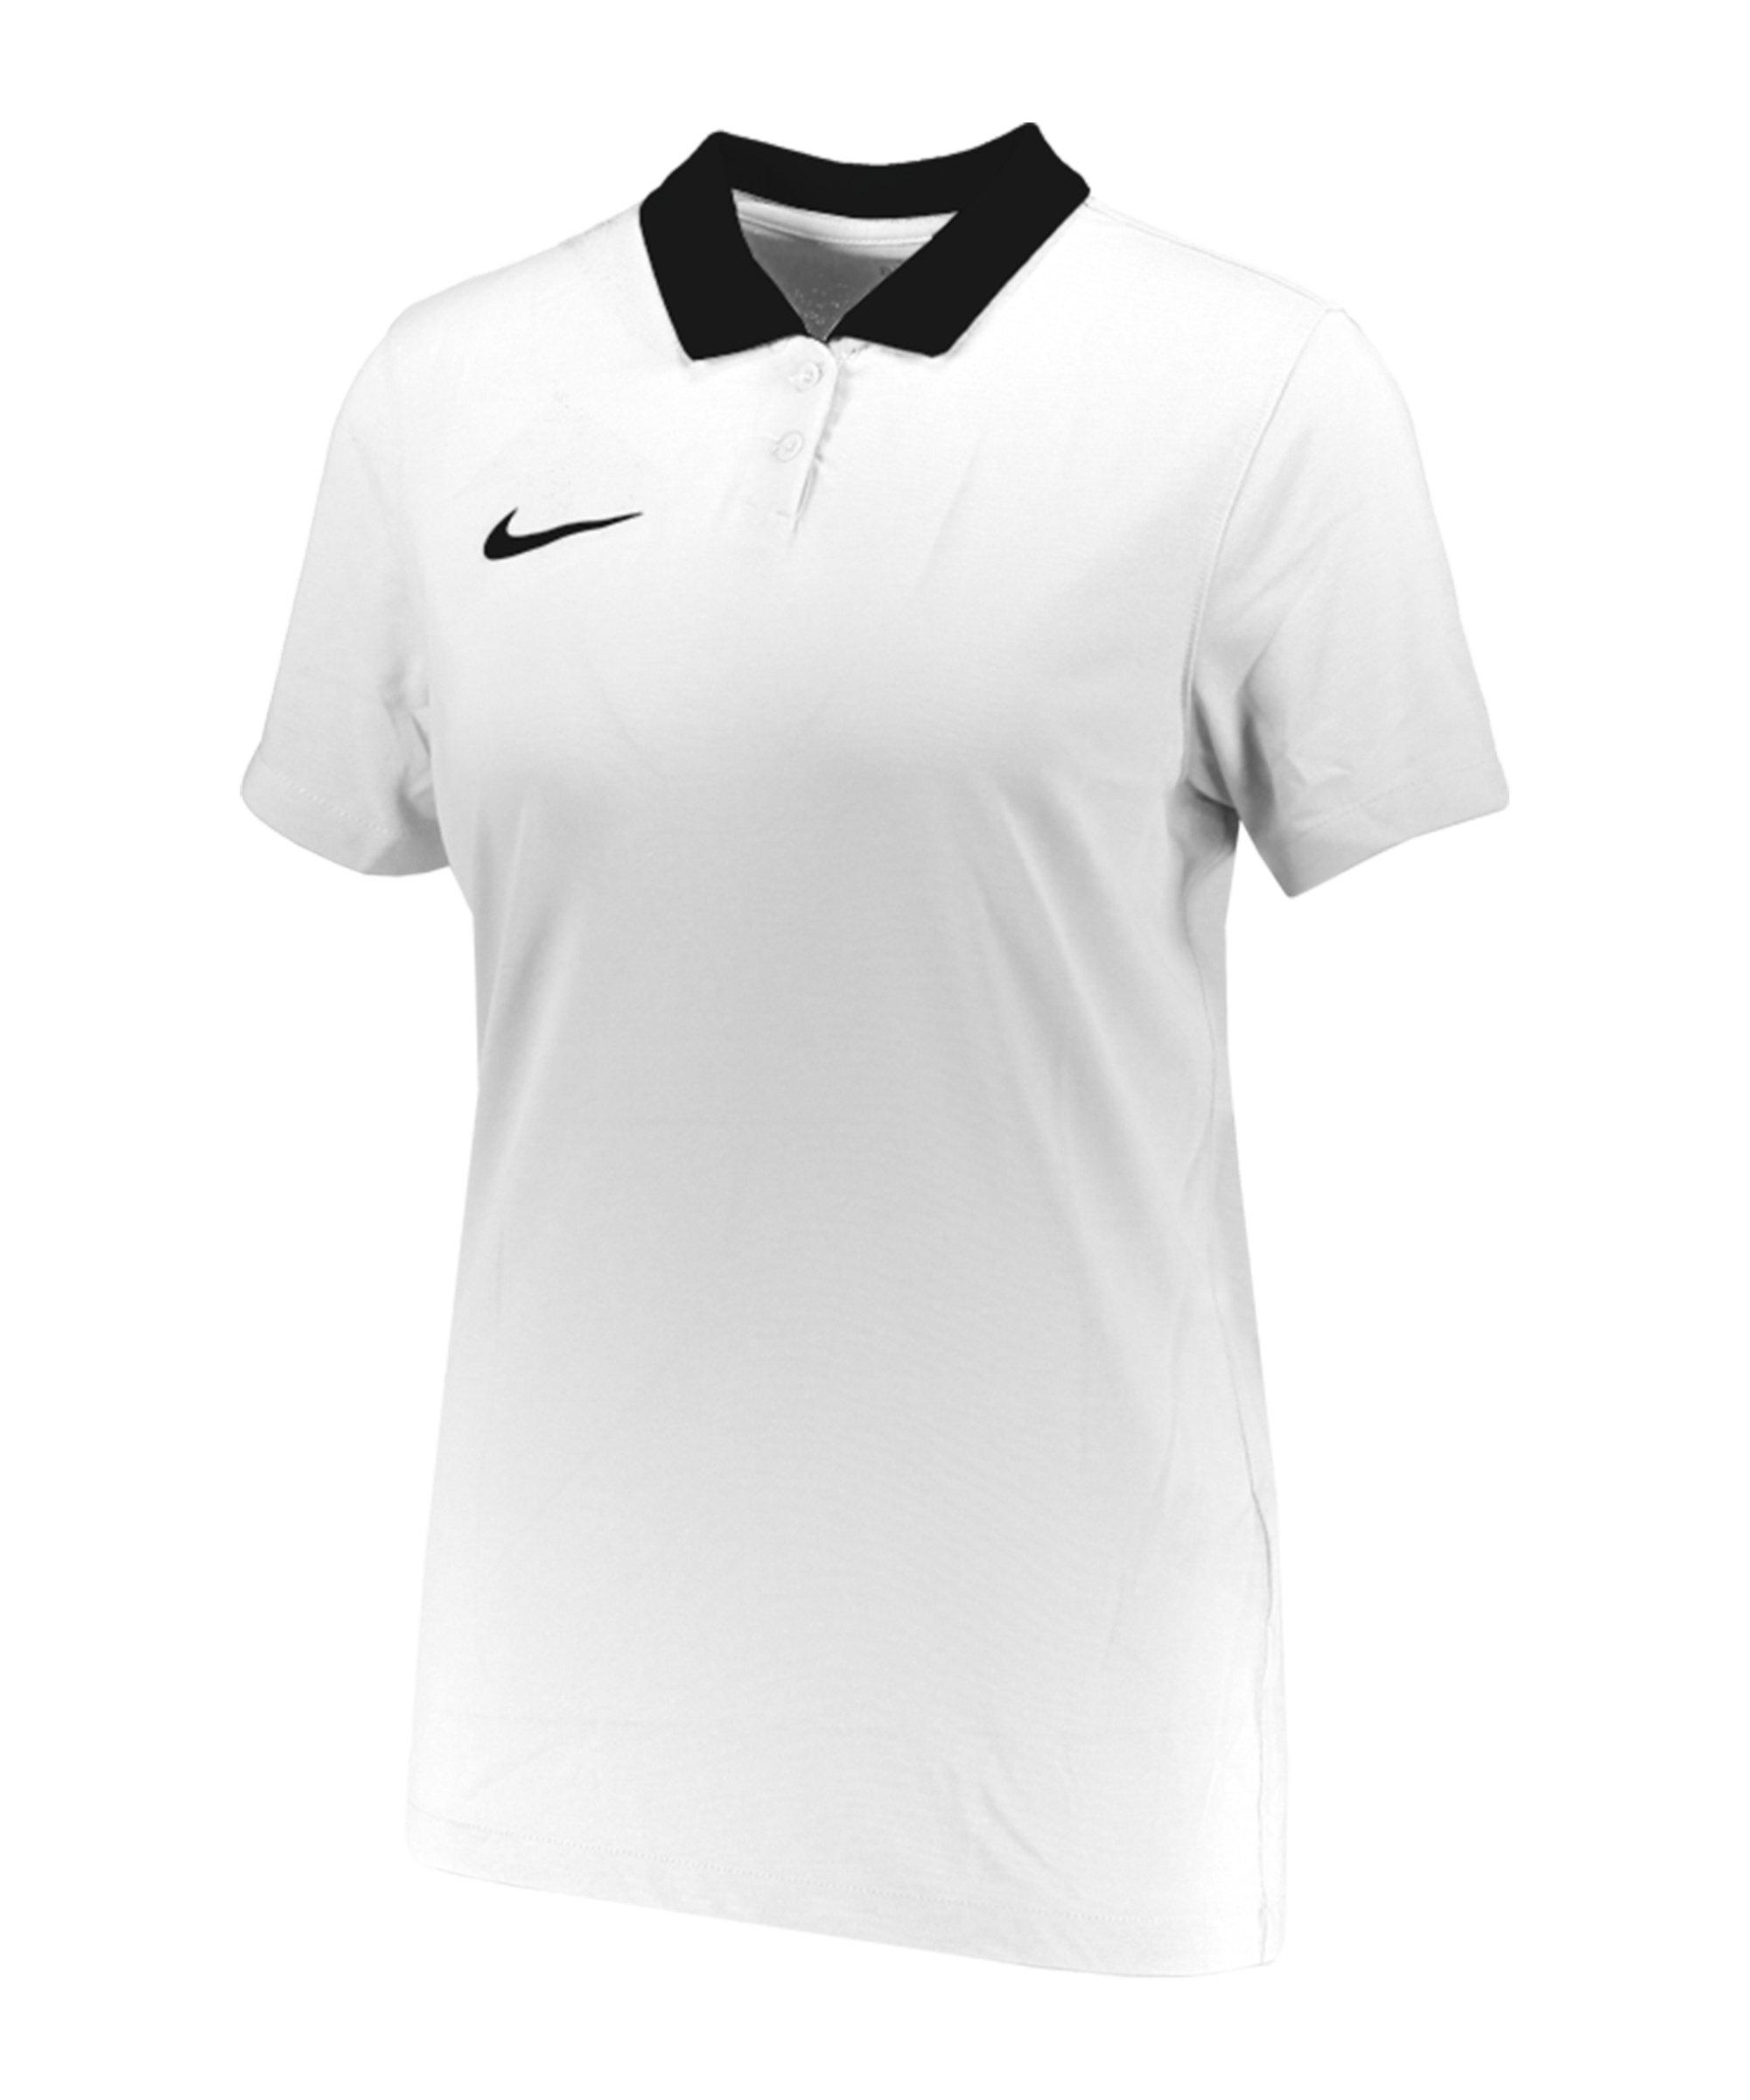 Nike Park 20 Poloshirt Damen Weiss Schwarz F100 - weiss